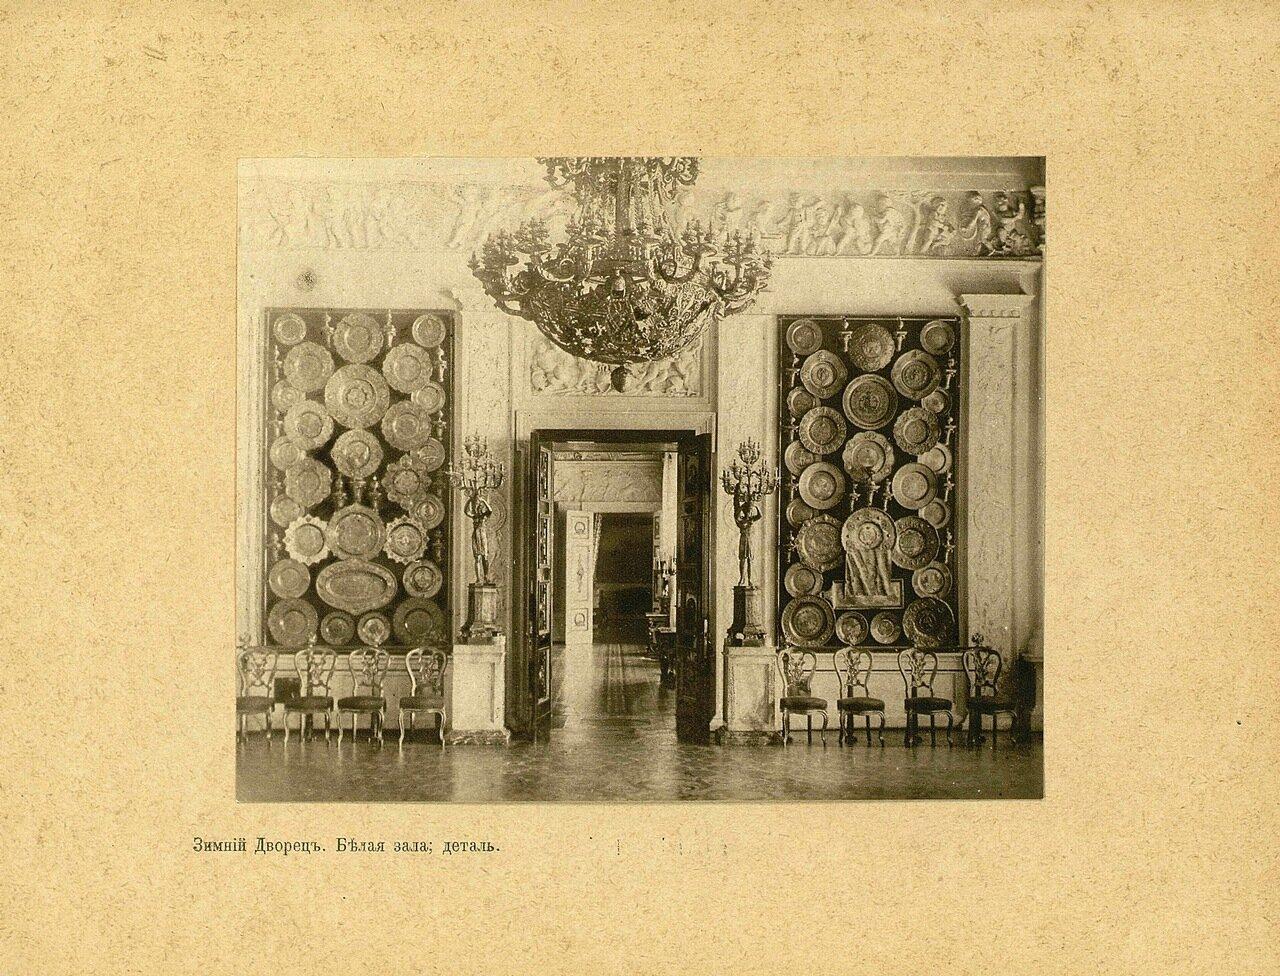 Белая зала (деталь)